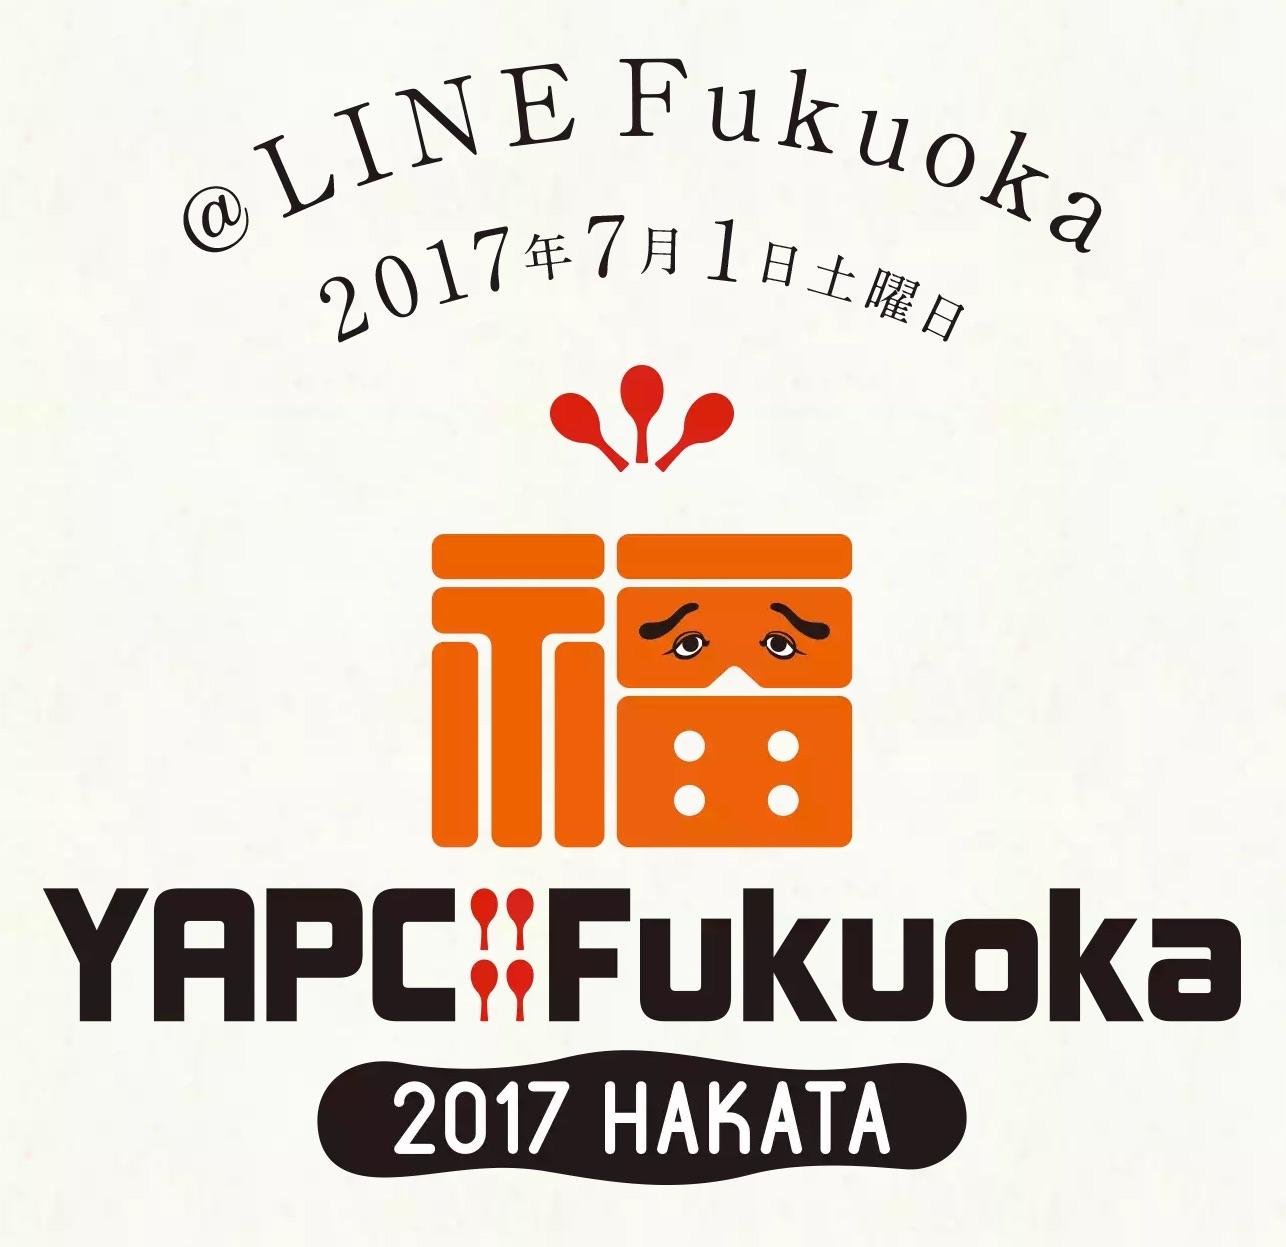 yapchakata.jpg